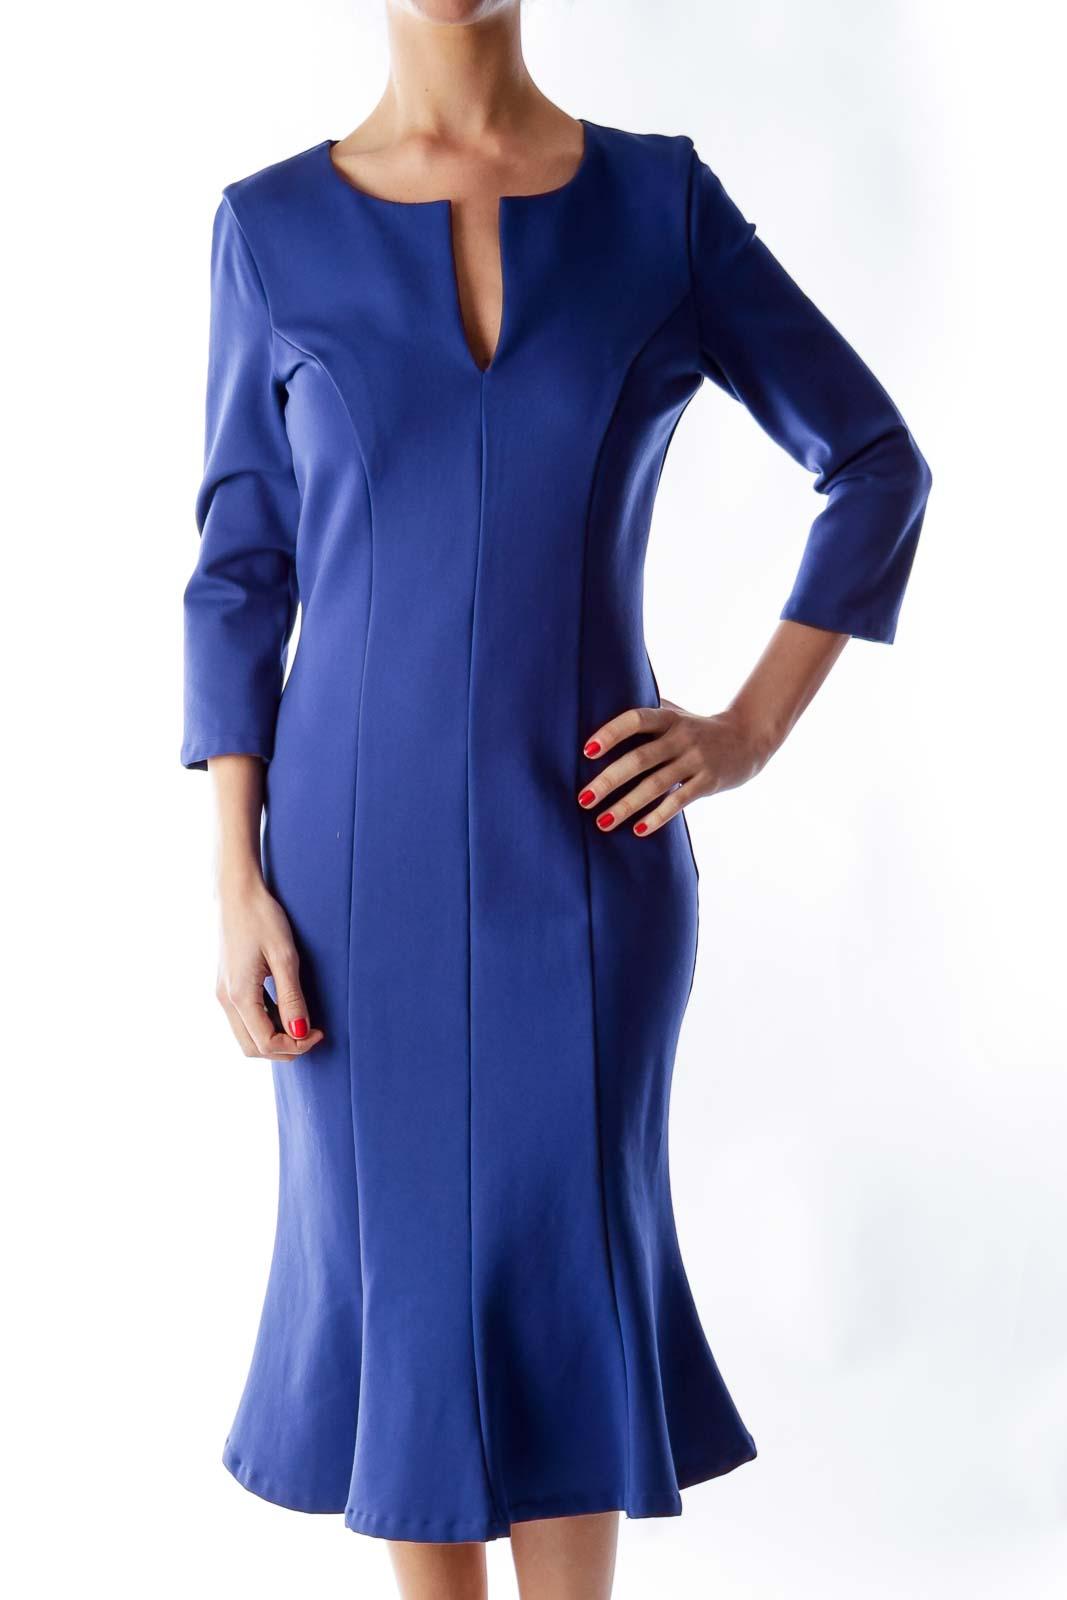 Blue Midi Trumpet Dress Front